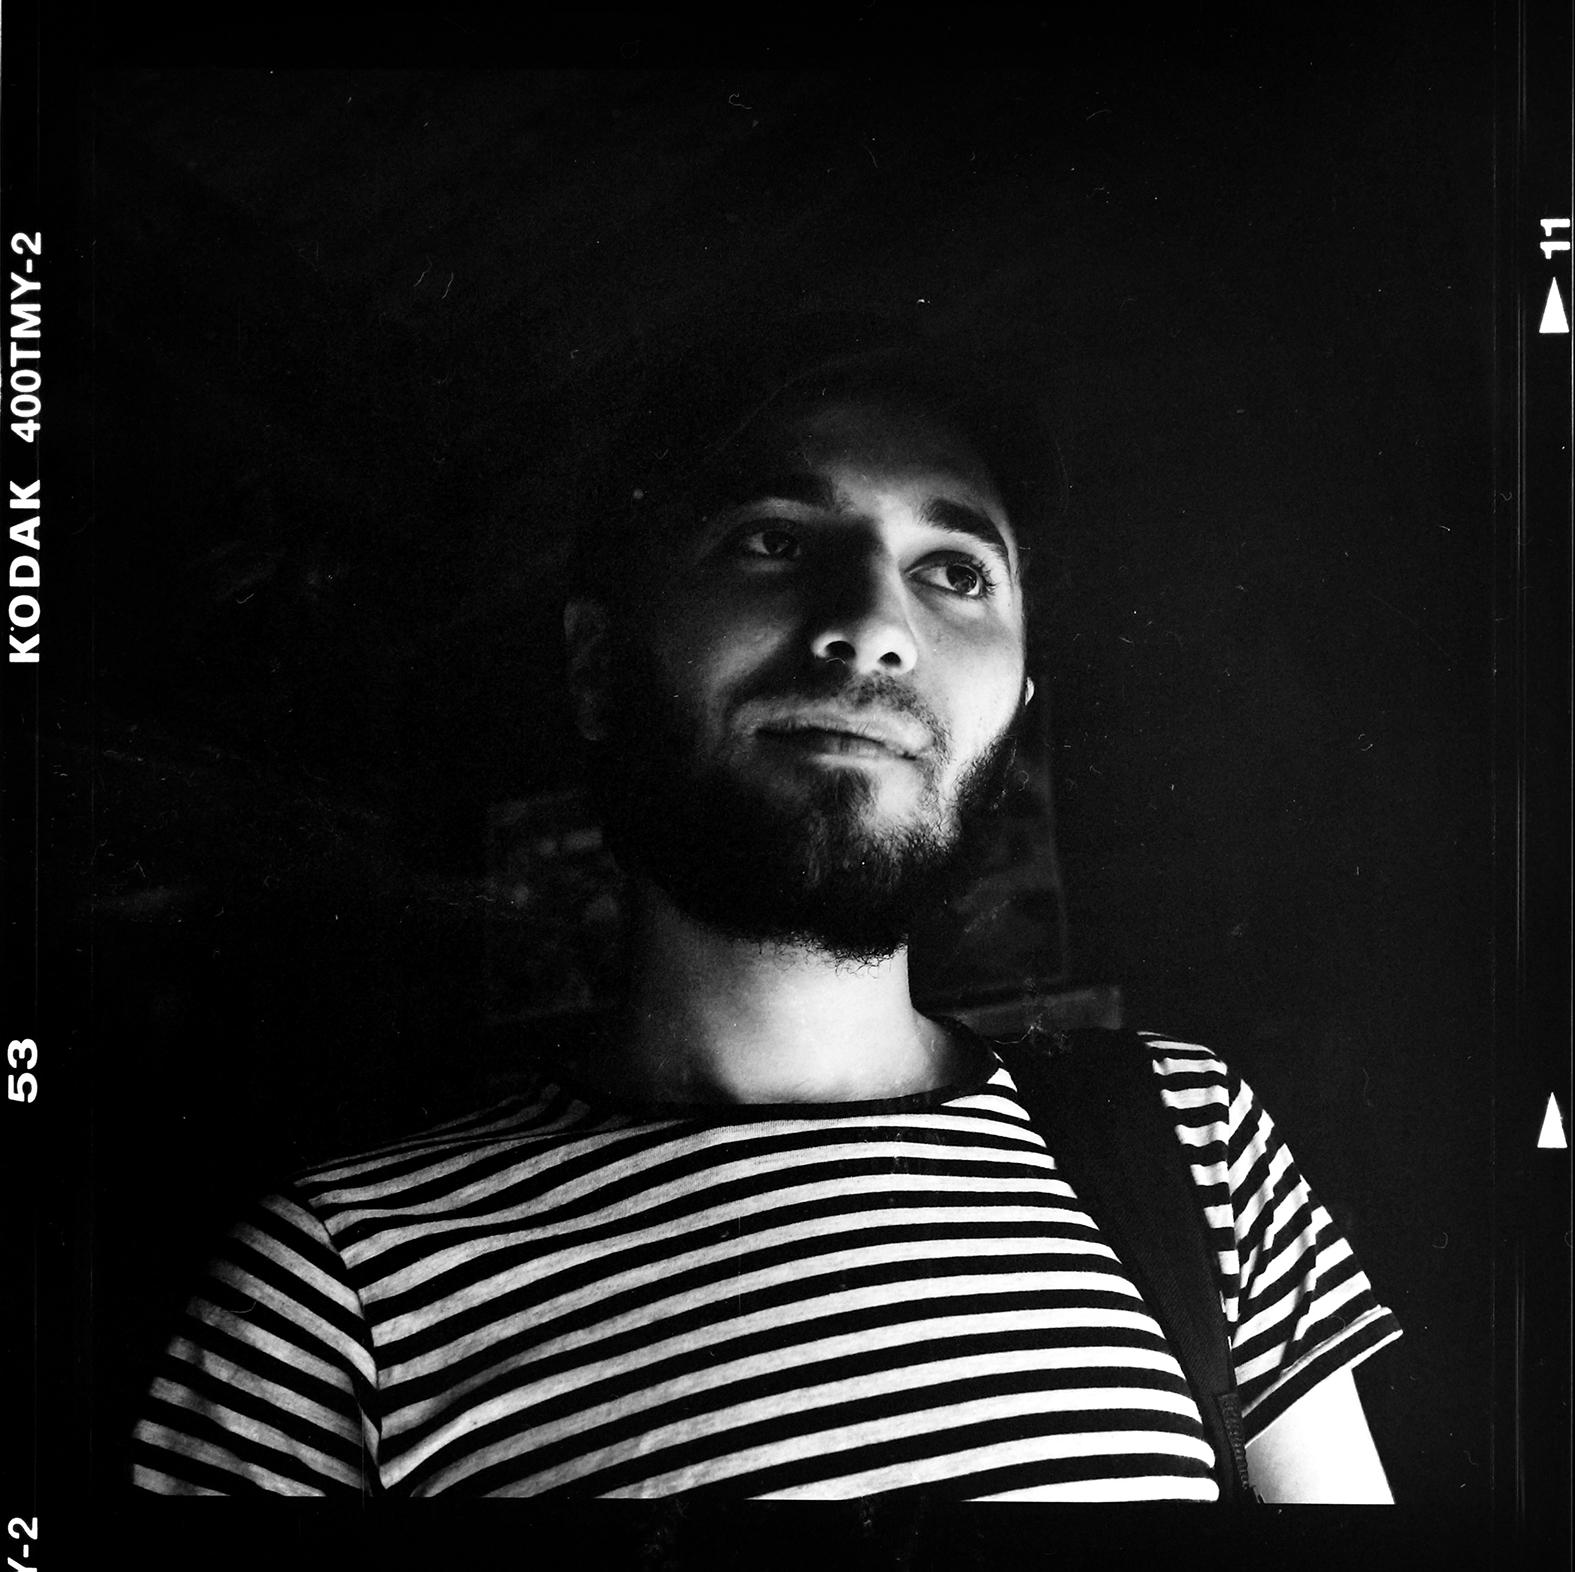 Muhannad Saad vill plugga, jobba och starta ett nytt liv. Foto: Mikael Andersson, 2016-05-11, Hasselblad c/m, 80mm. Exponerad f11-1/250 sek.